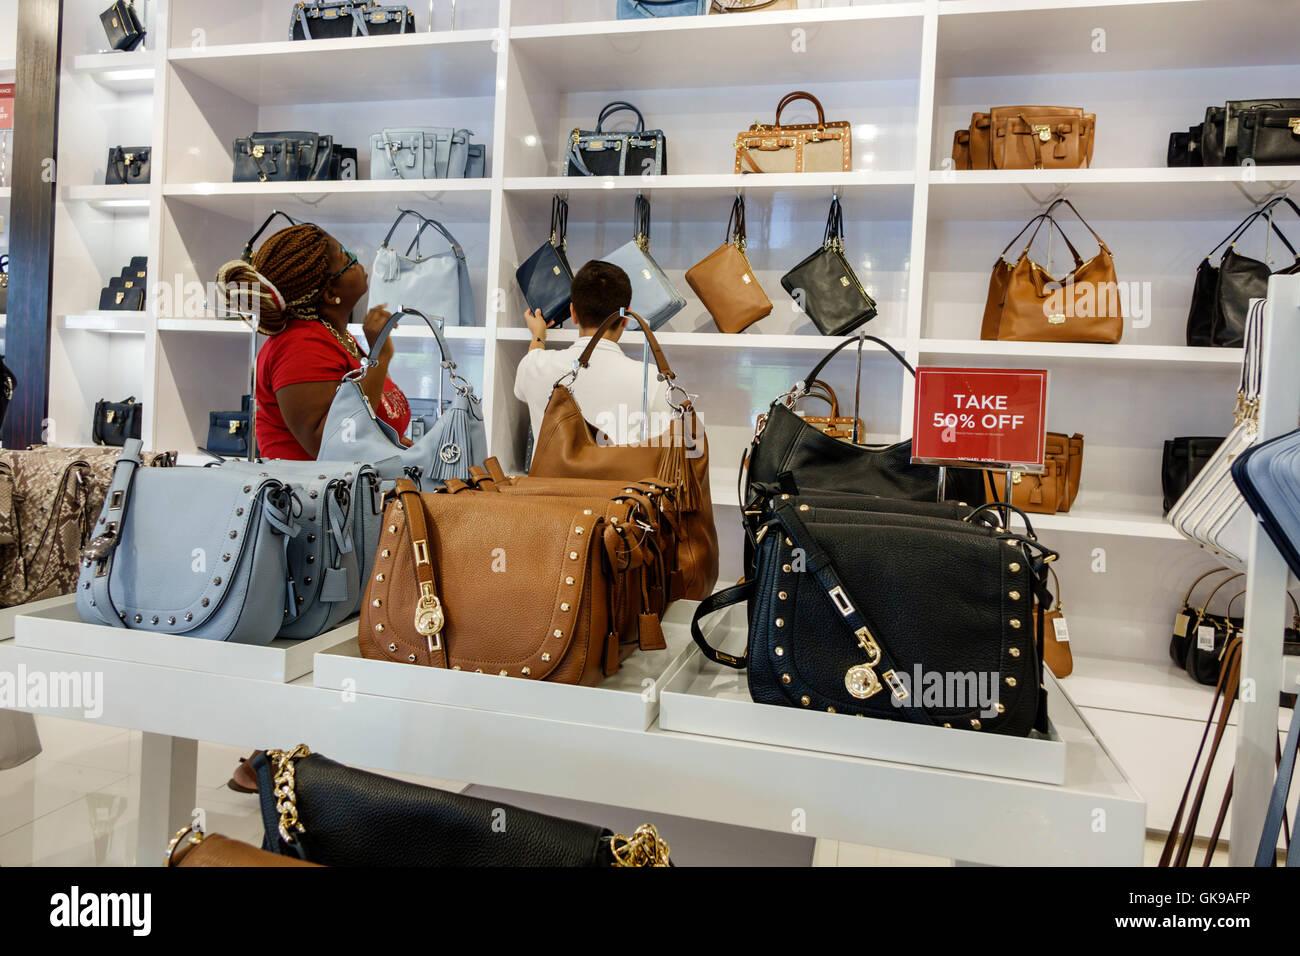 Florida Shopping Ellenton Premium Outlets Center Mall exdBCor